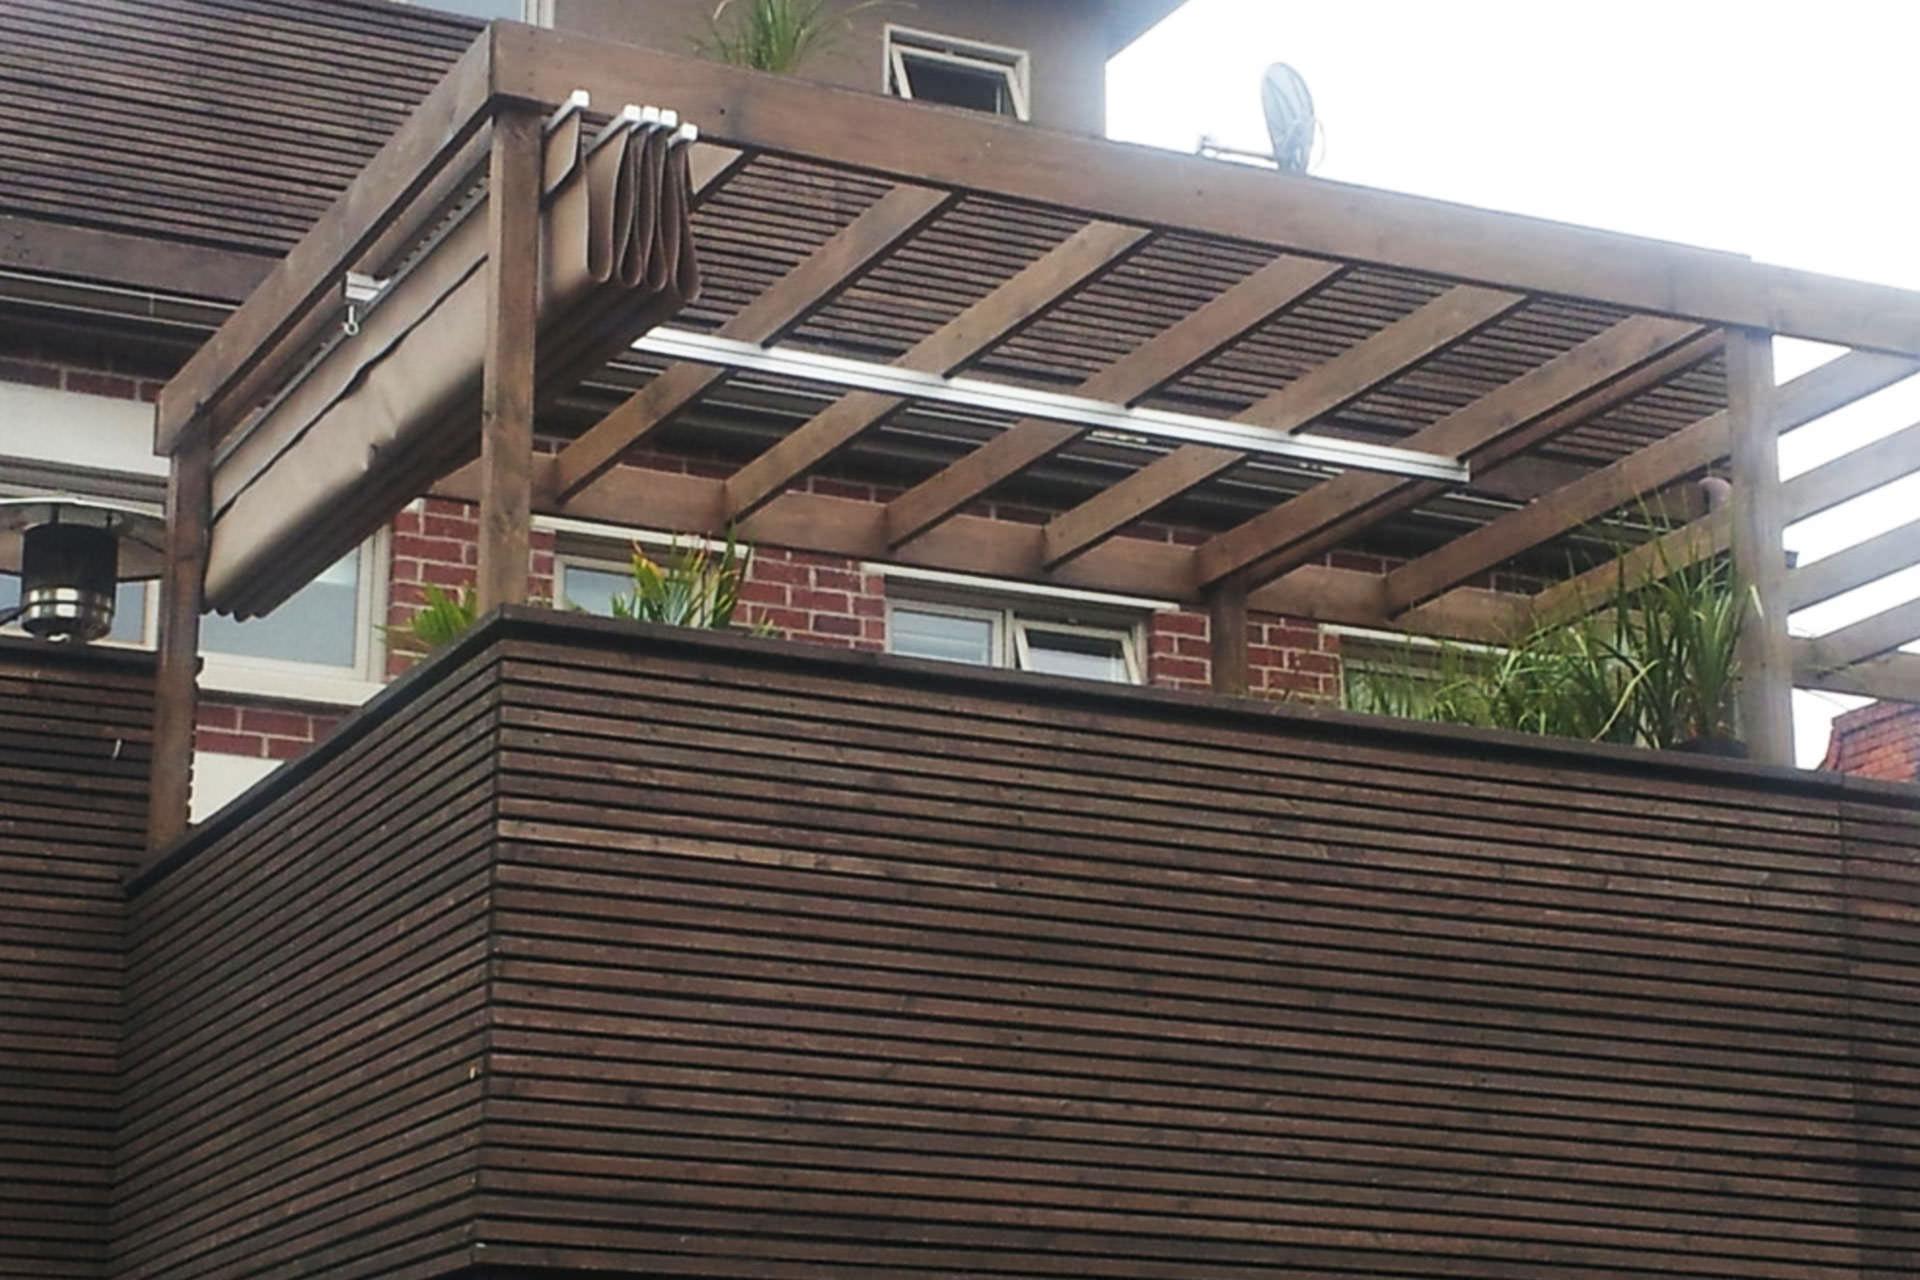 waterproof retractable deck cover in